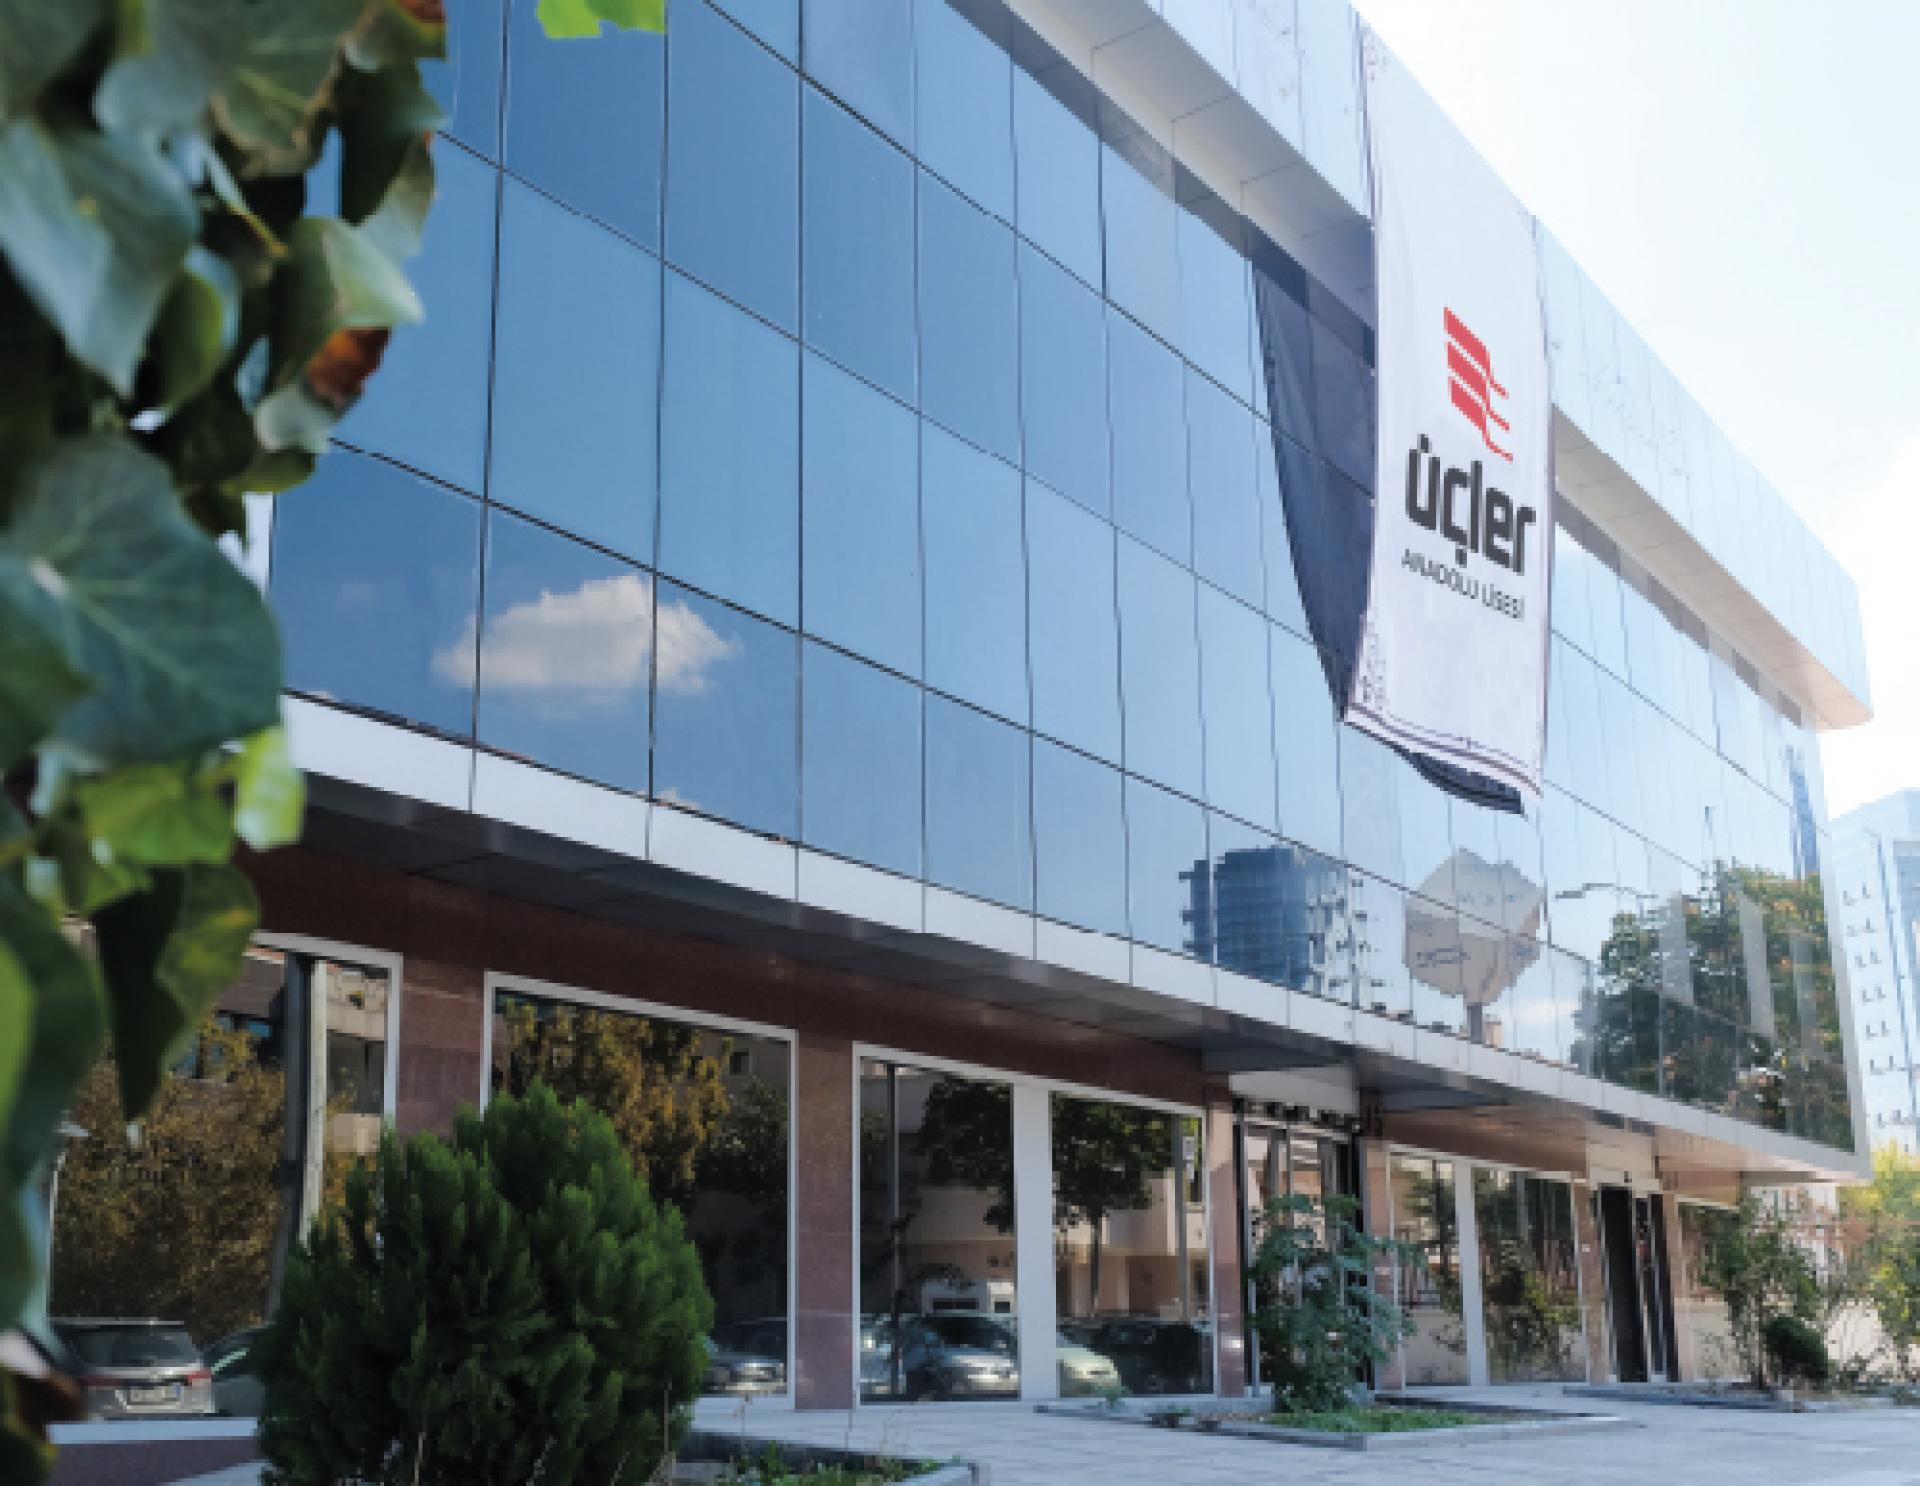 Üçler Anadolu Lisesi 2019-2020 Öğretim Yılında Yeni Binasında!